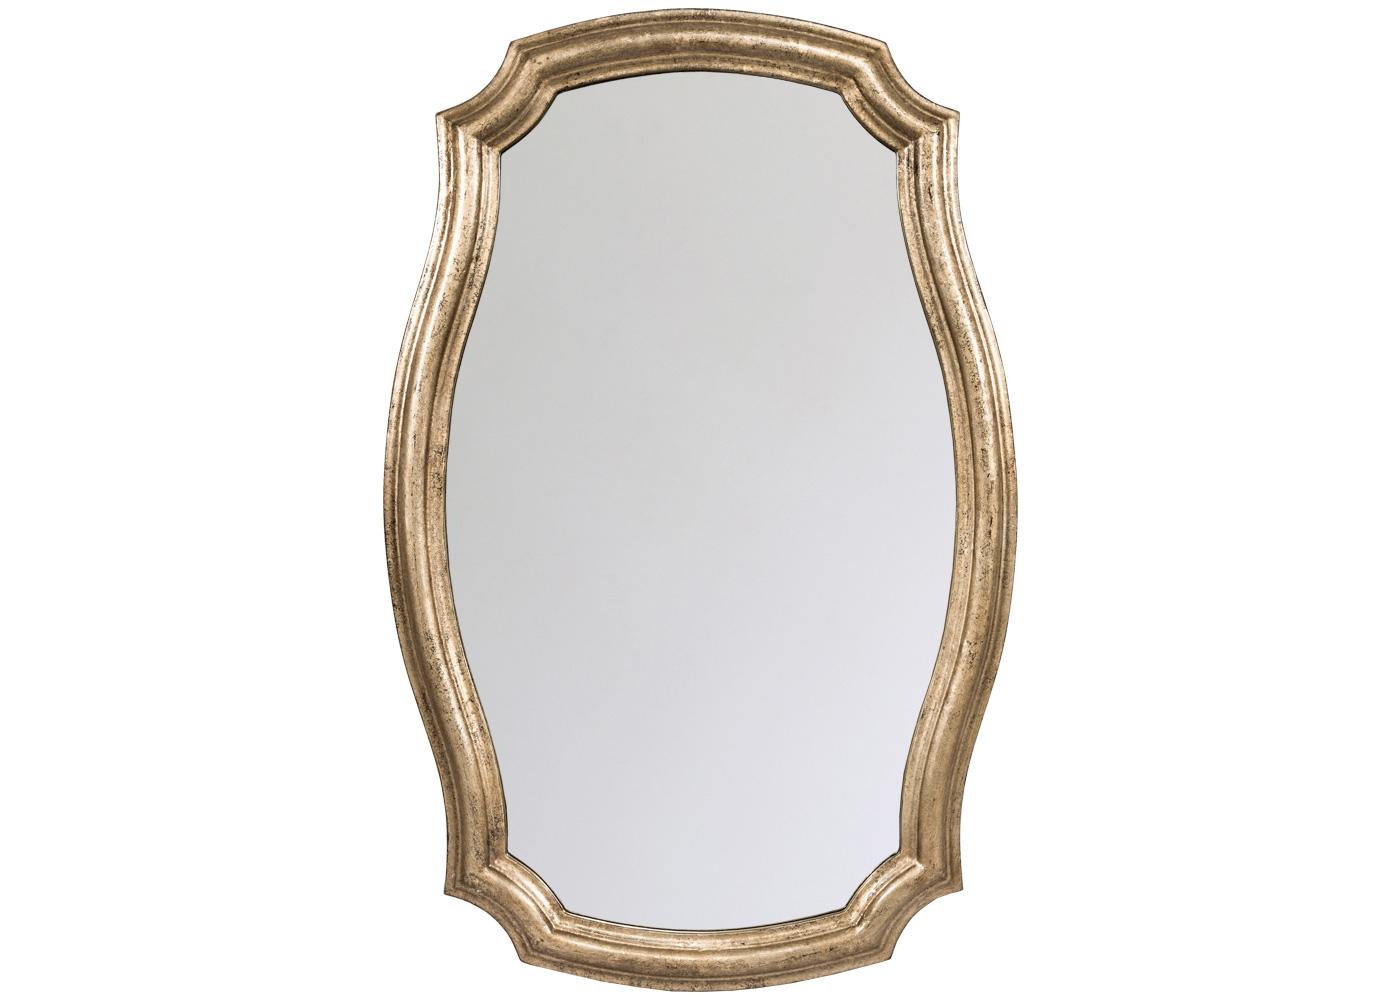 Настенное зеркало «Эвелин»Настенные зеркала<br>Старинная гербовая форма преображена вкусами современного английского модерна: строгость и благородство обретают атмосферную легкость и романтичность. Зеркало &amp;quot;Эвелин&amp;quot;, располагающее классическим дизайном, оптимальными размерами и сдержанным нейтральным цветом, обещает угодить разнообразным интерьерным жанрам и любому из домашних помещений. Рама изготовлена из полиуретана, - экологически безвредного, прочного и долговечного материала.<br><br>Material: Полиуретан<br>Ширина см: 66.0<br>Высота см: 101.0<br>Глубина см: 3.0